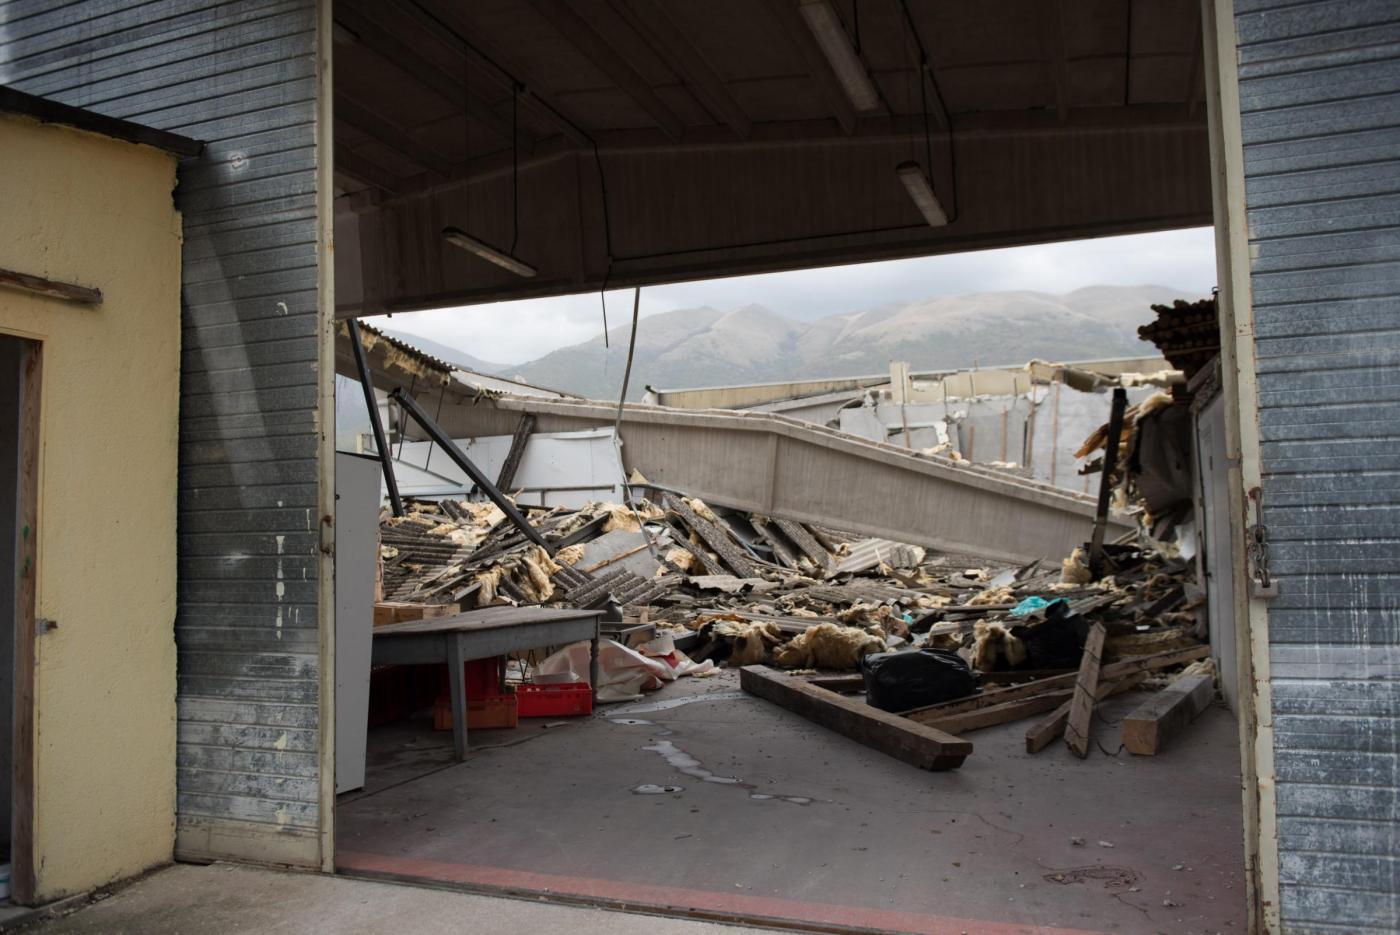 Aziende Monopoli Zona Industriale terremoto: tasse sospese per le aziende degli apparecchi da